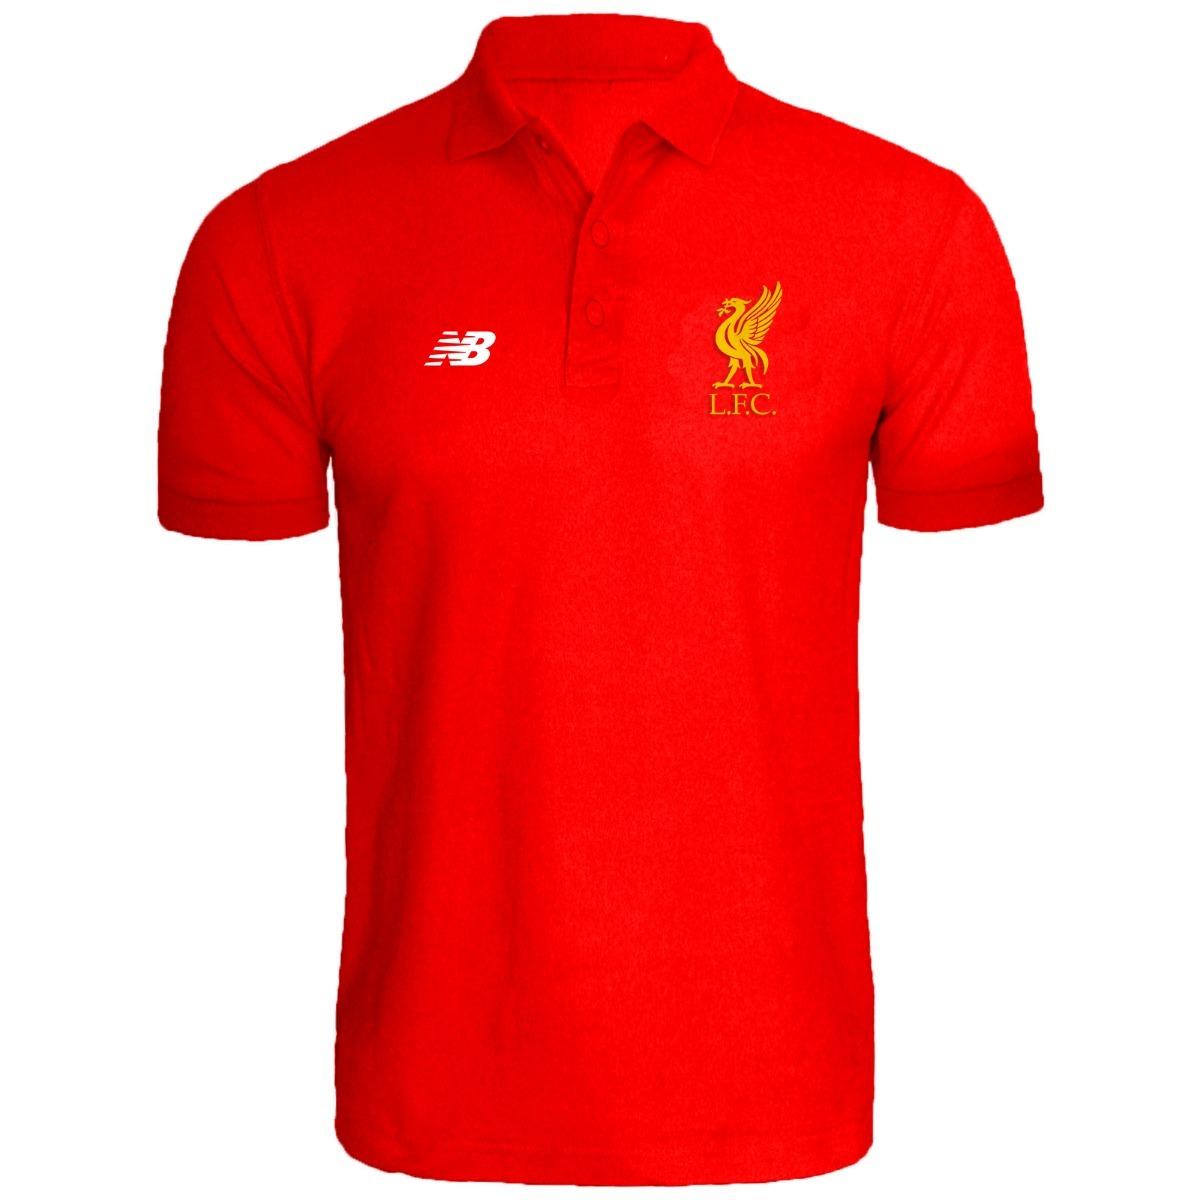 ff3c03faf385f camisa polo liverpool personalizado. Carregando zoom.